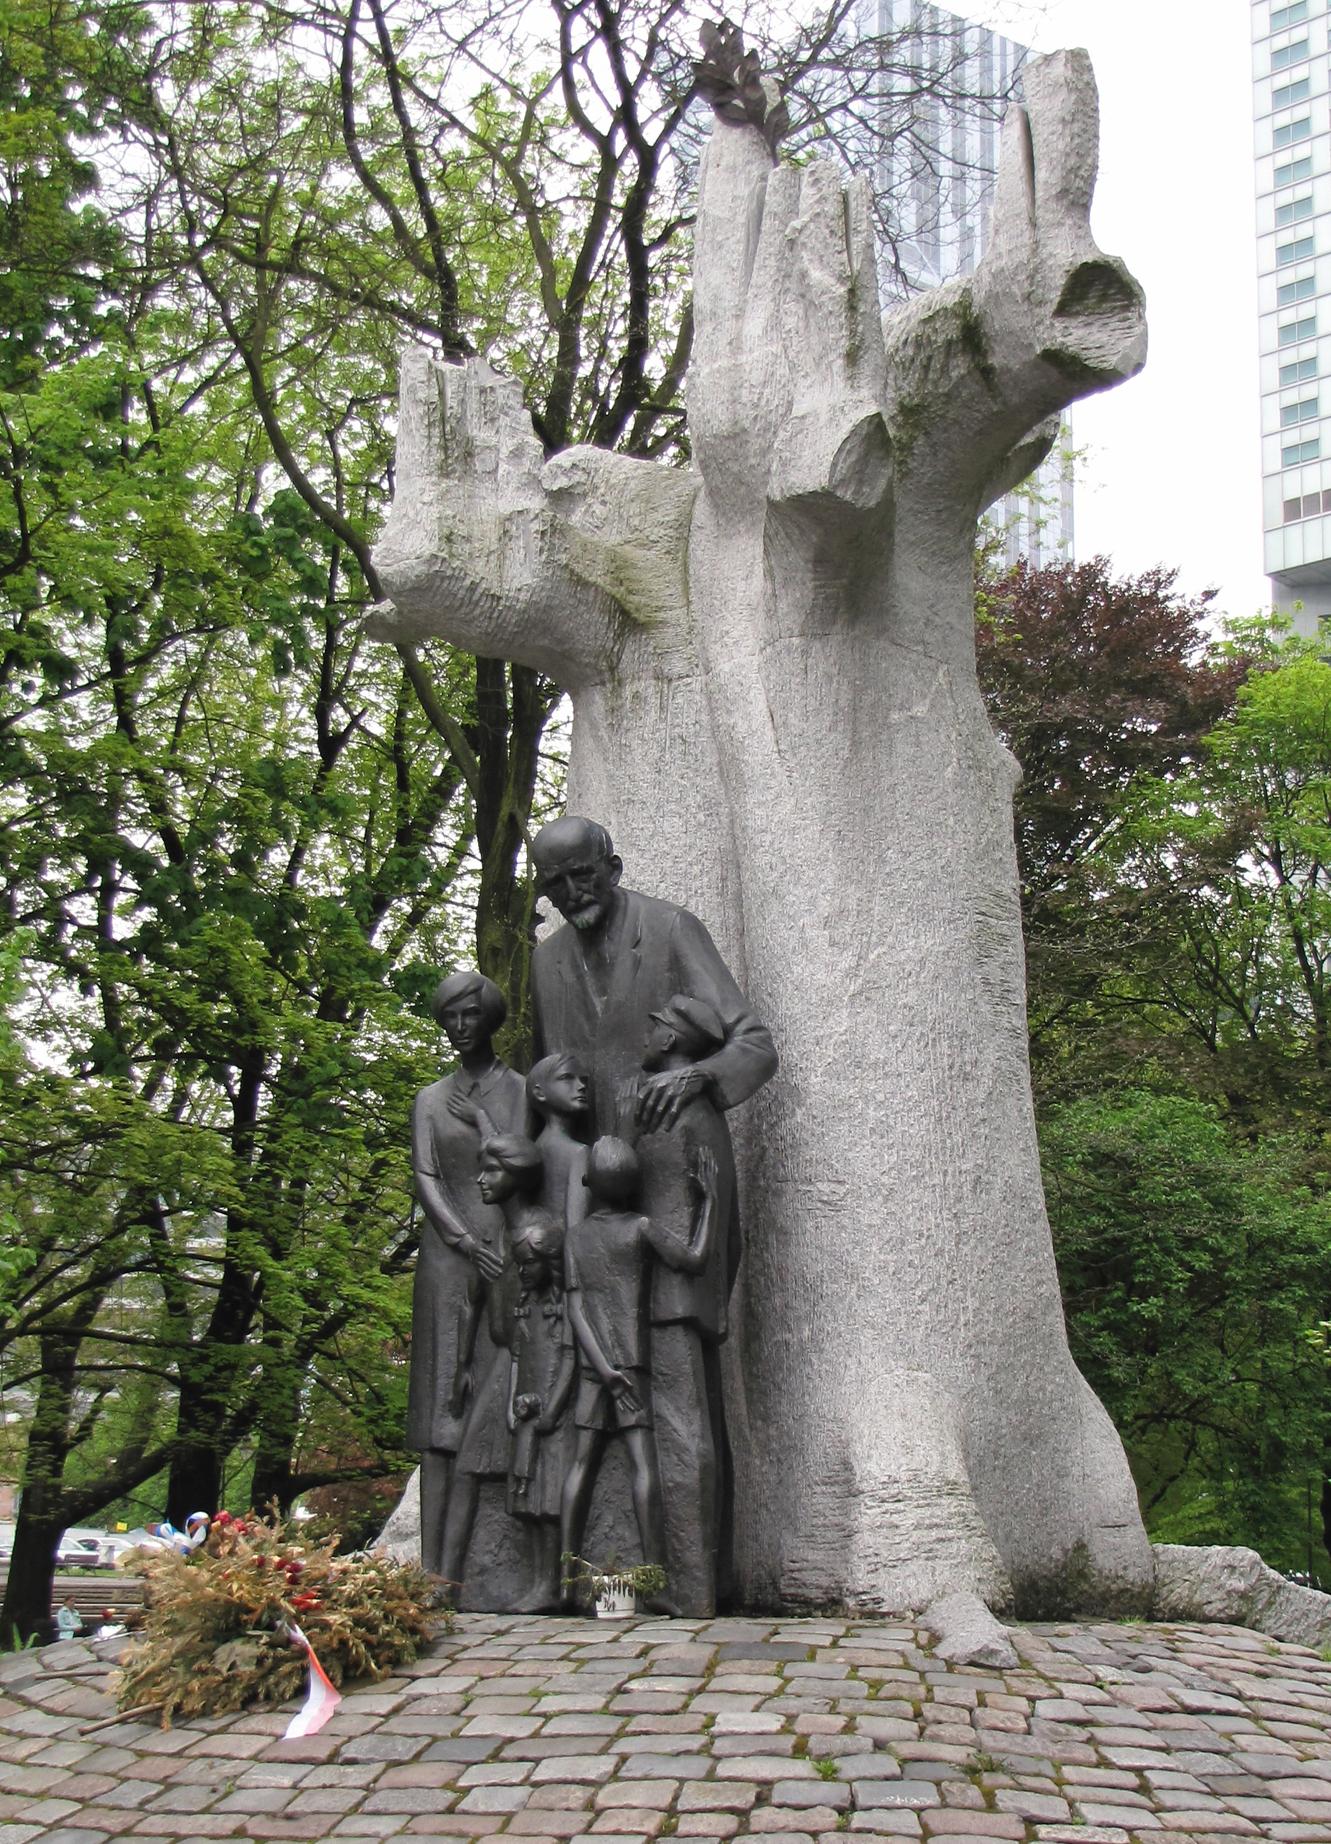 Warsaw, Janusz Korczak monument